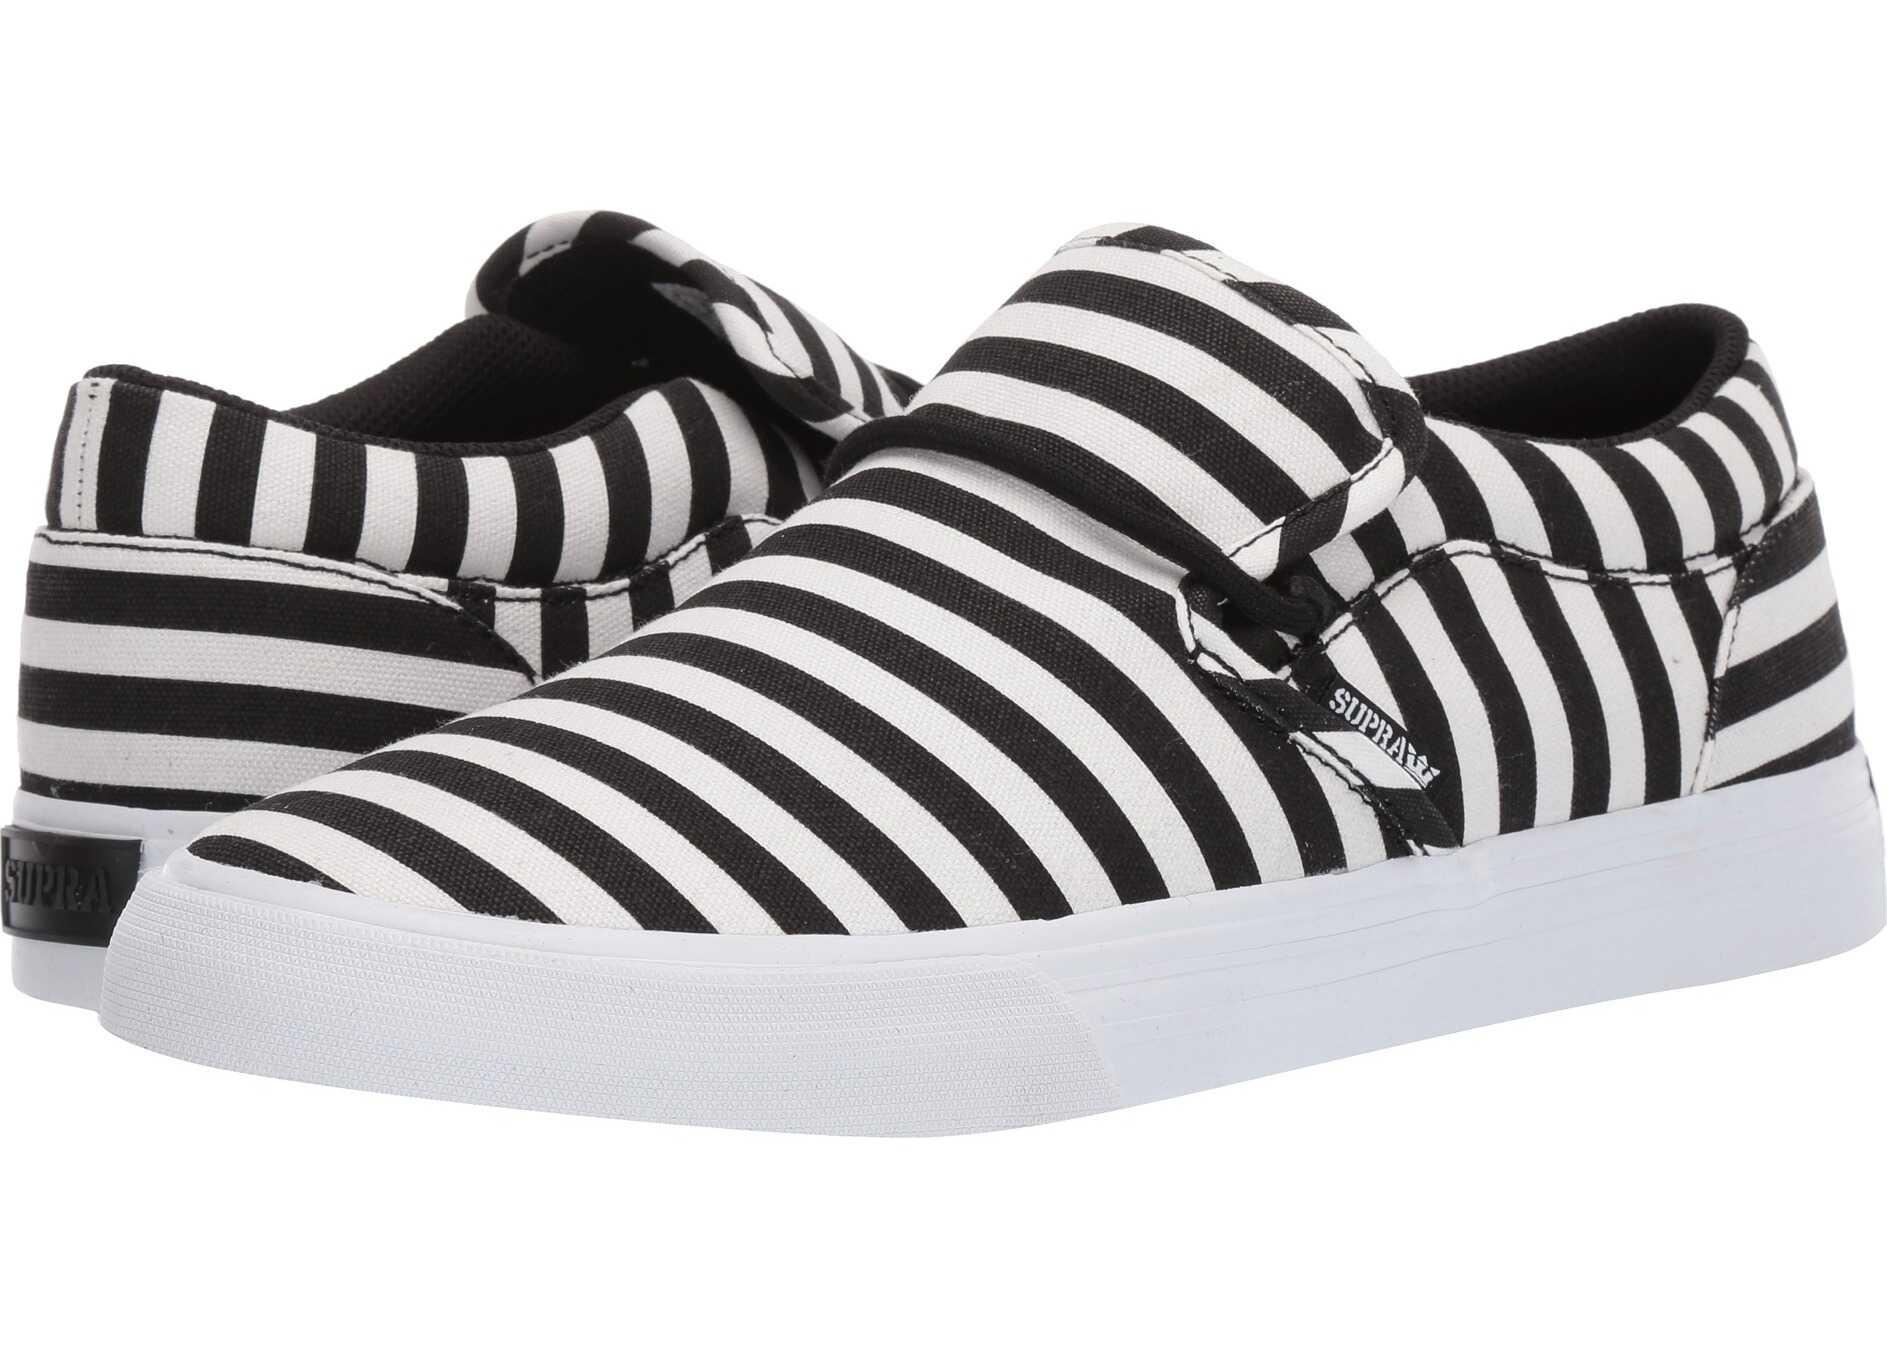 Supra Cuba Black/White Stripe